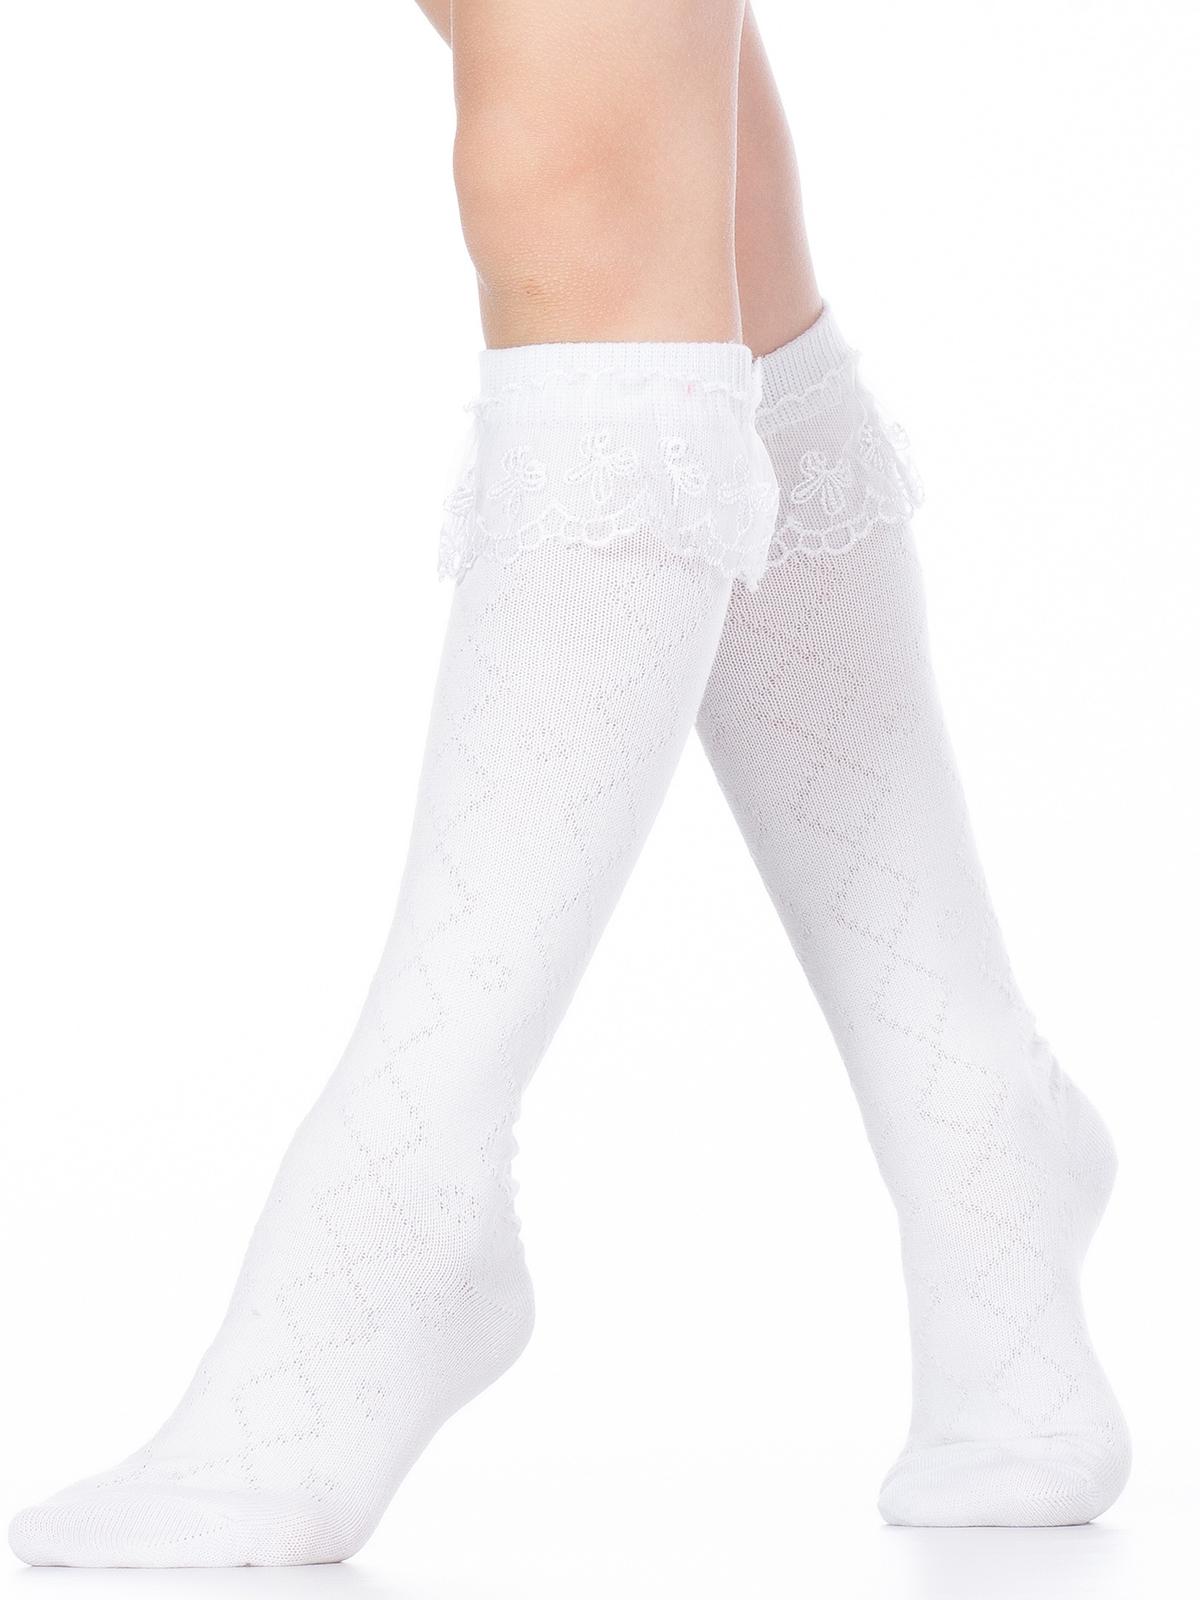 Купить Гольфы детские Hobby Line 833 ажурные, гипюровая рюшка сверху, белый, 18, Гольфы для девочек